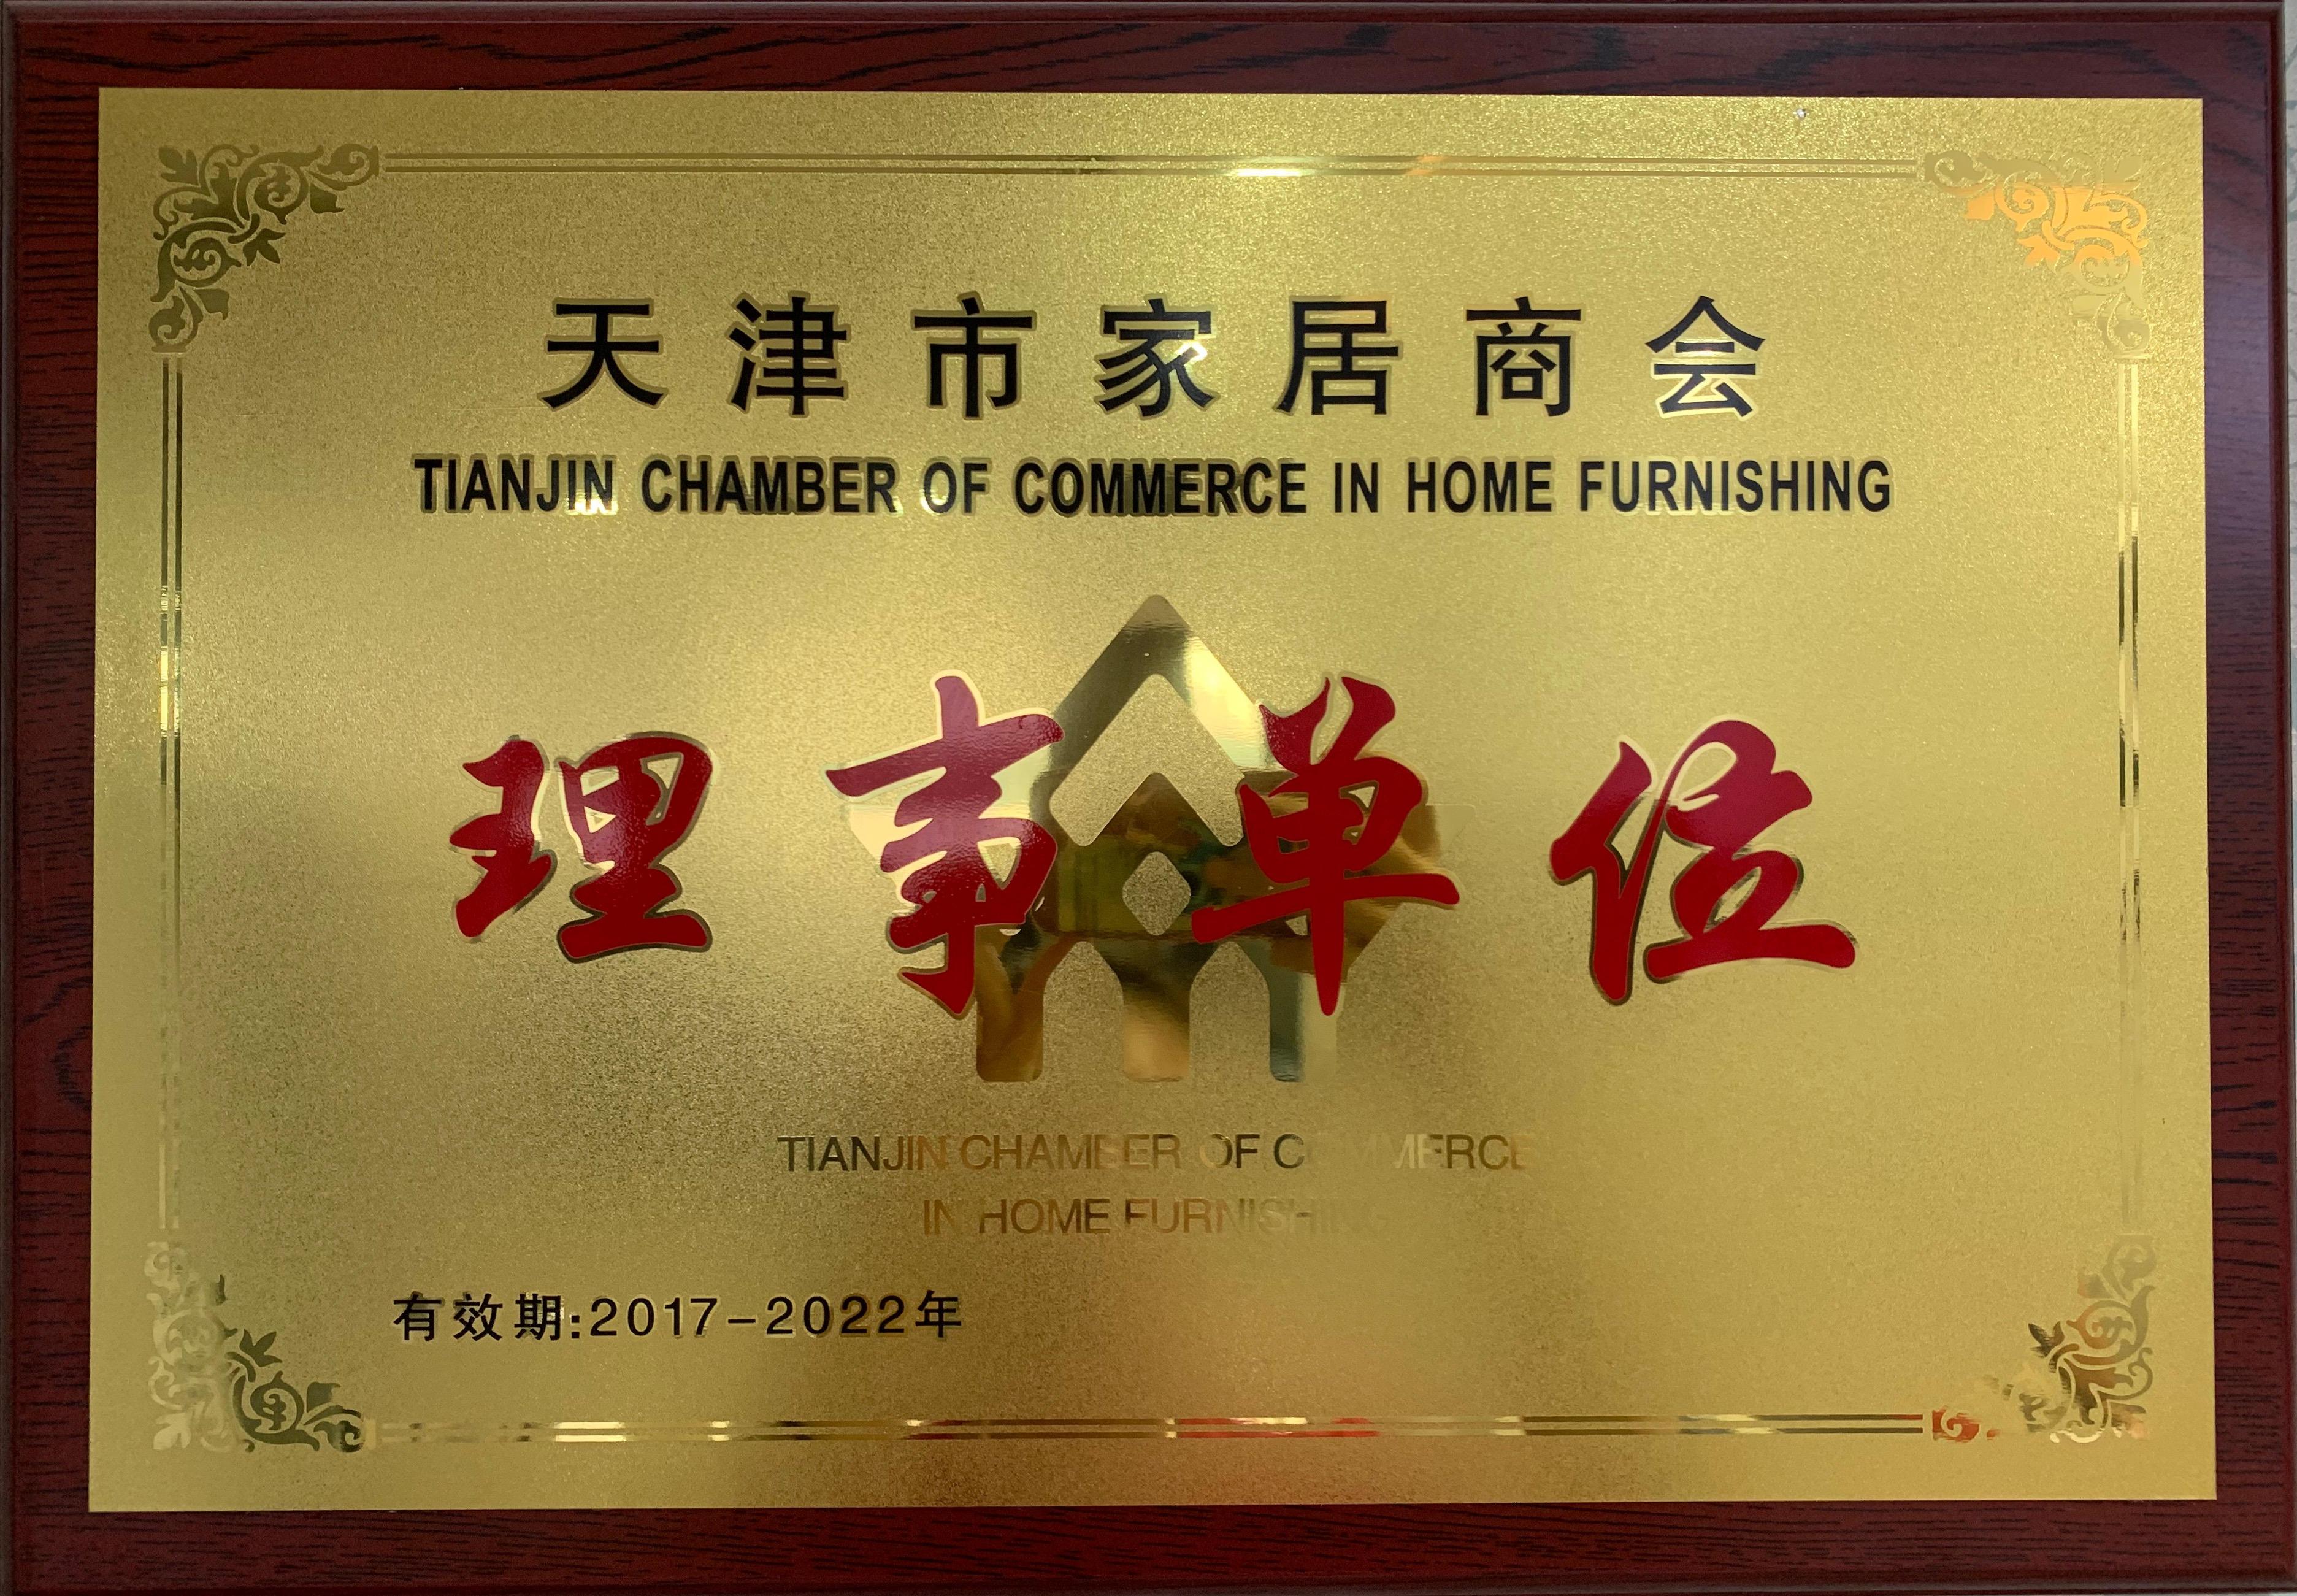 天津市家居商会—理事单位